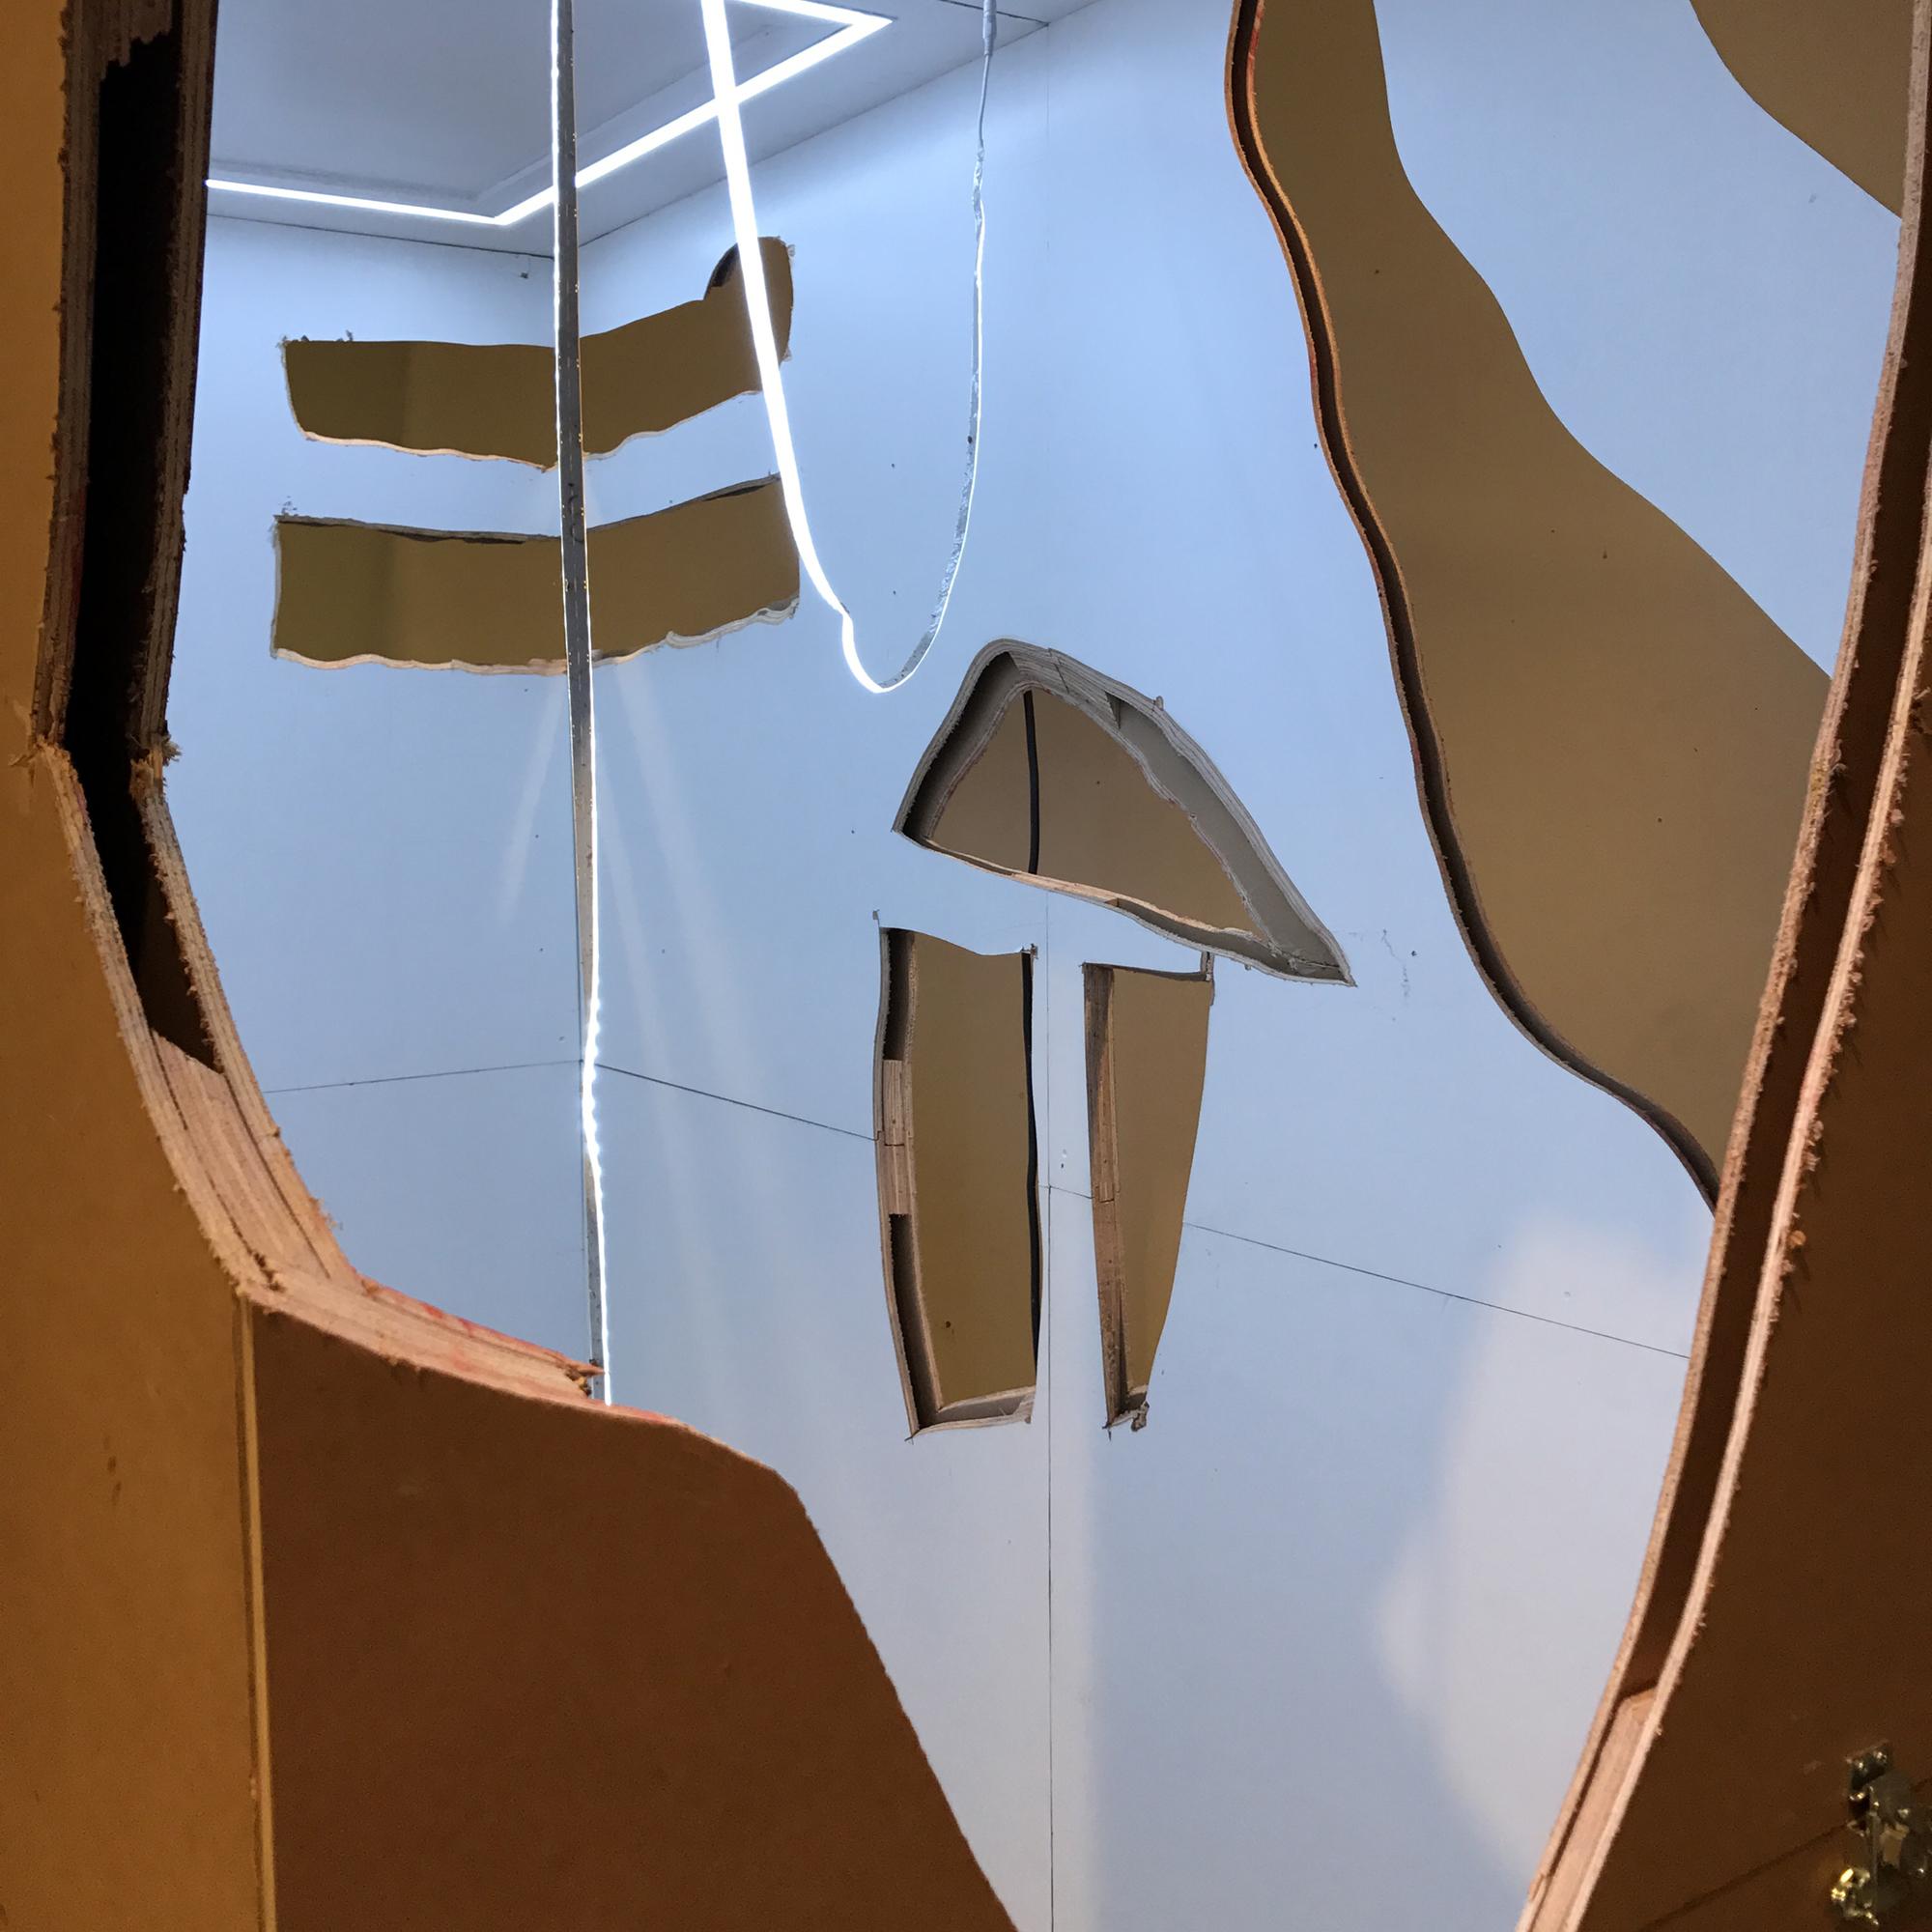 Nathan Sinai Rayman Thesis Image